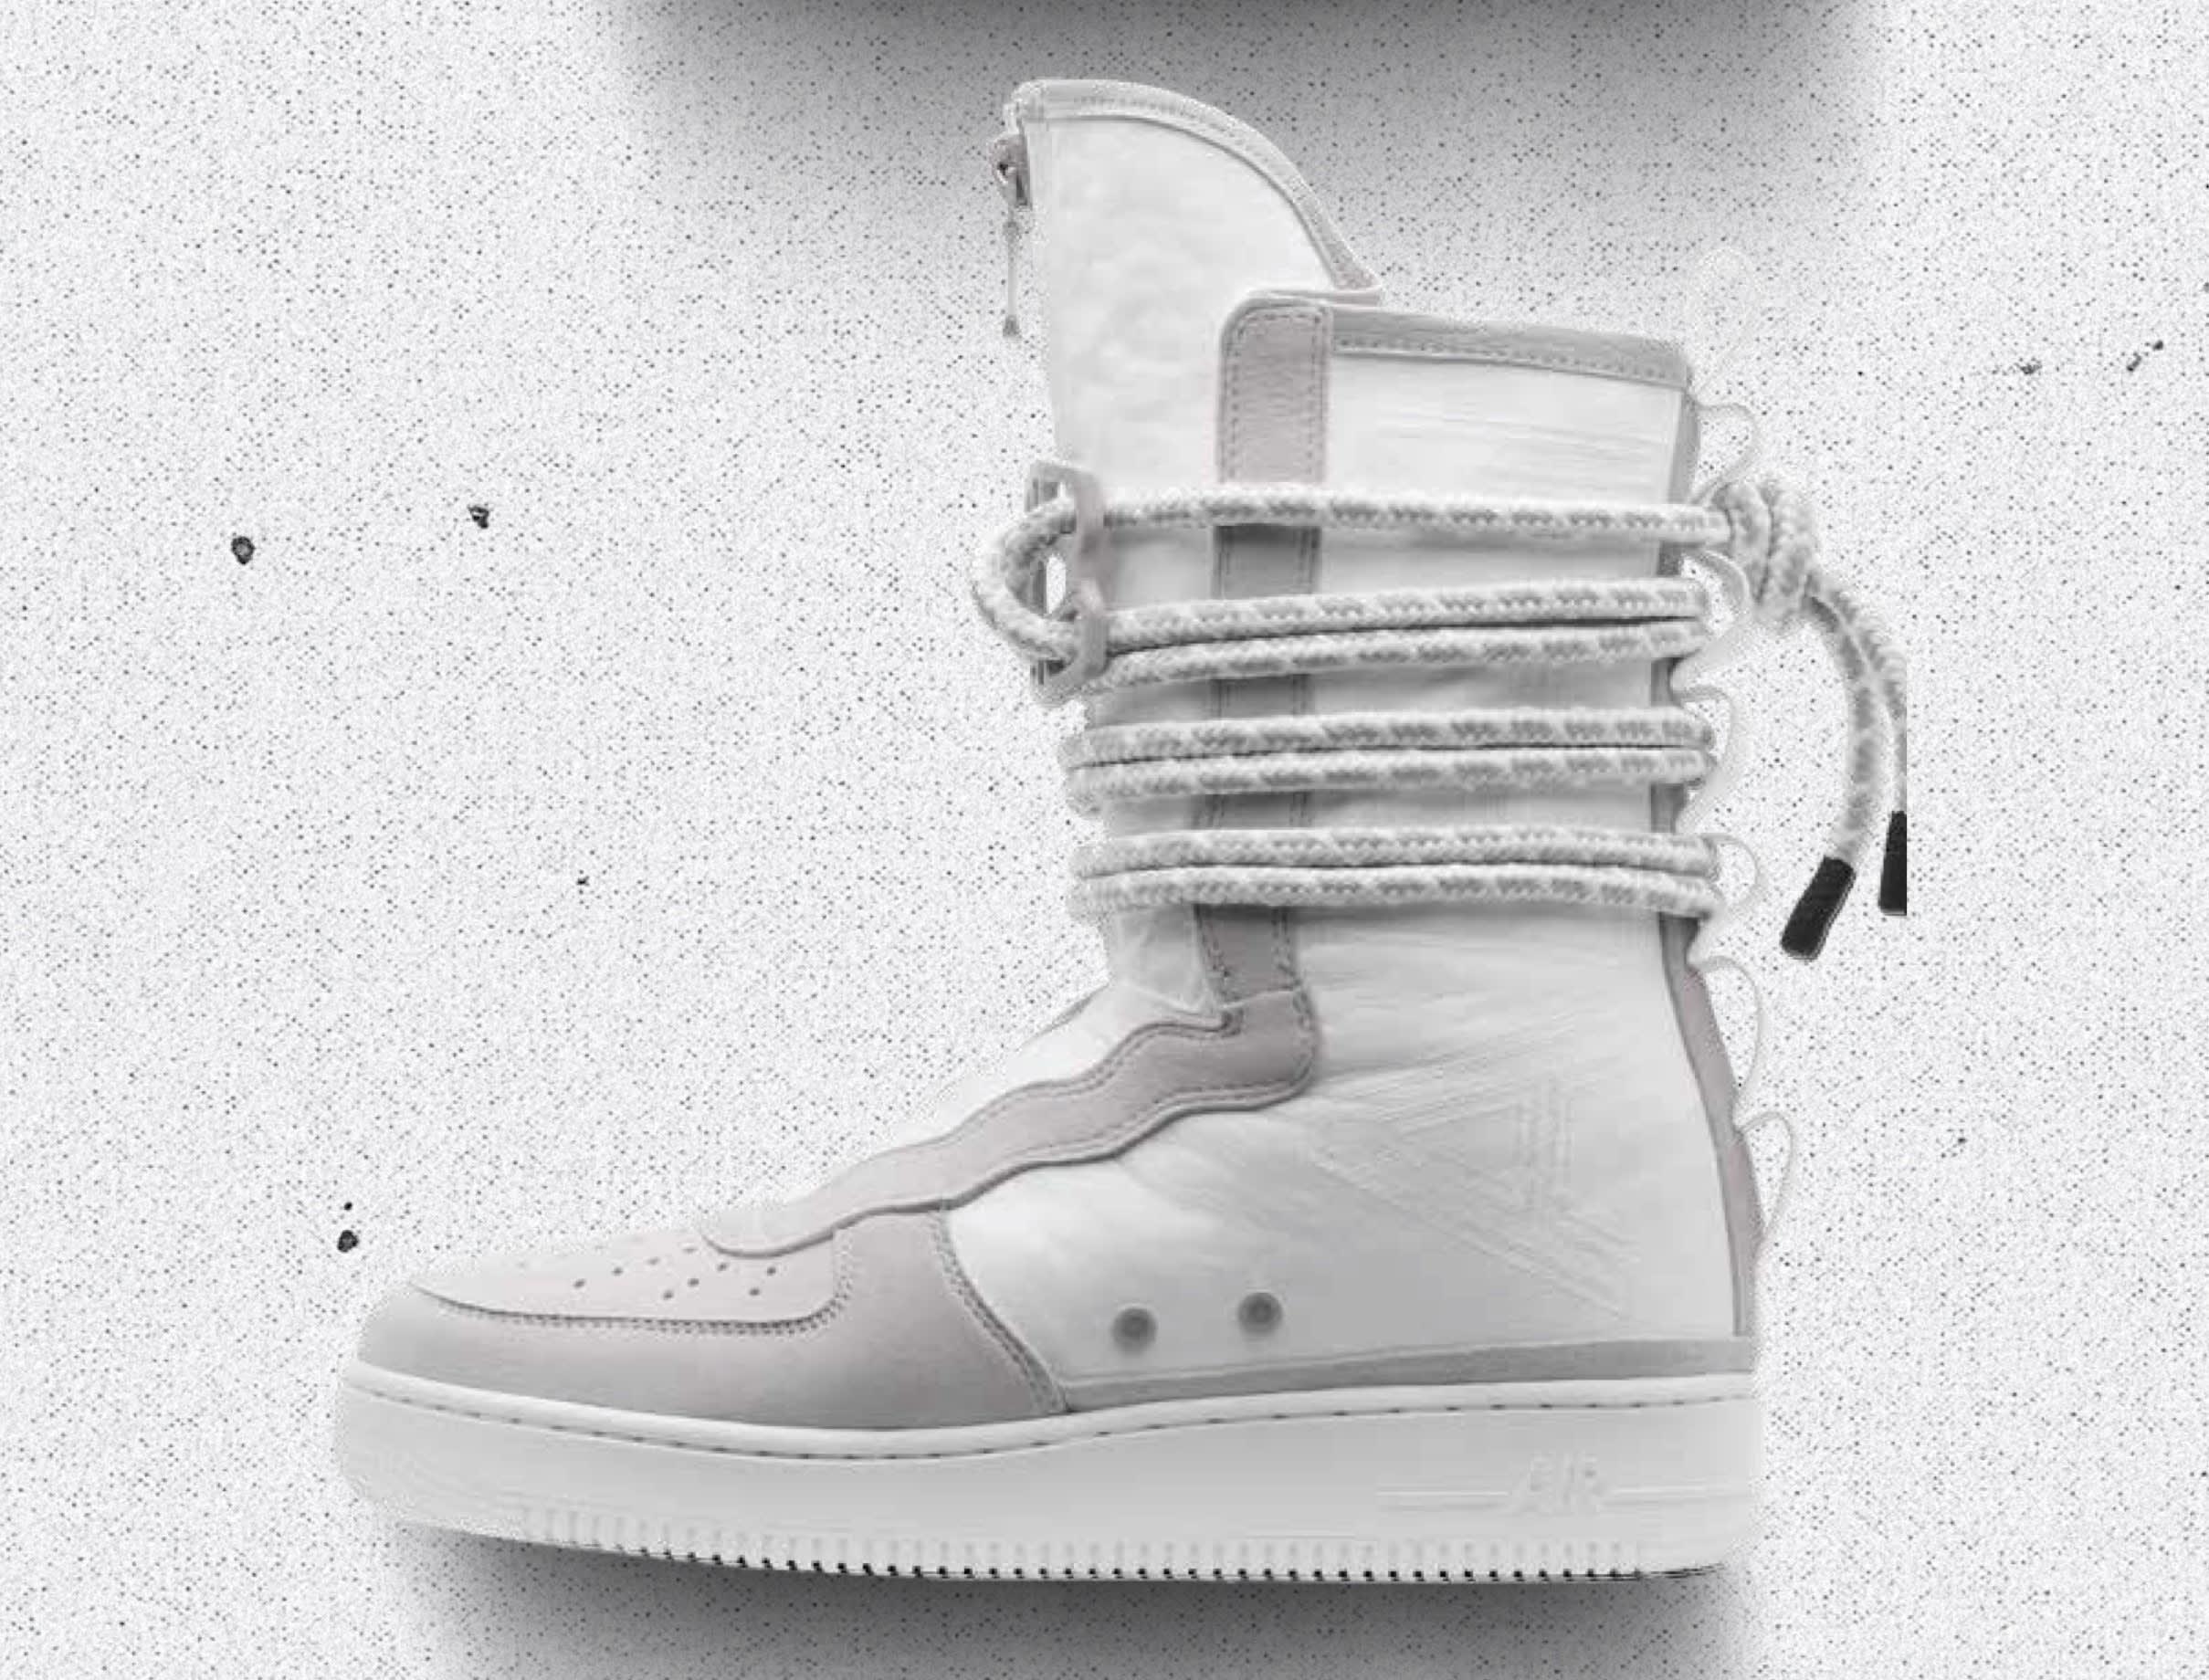 Nike SF AF1 High 90/10 Pack